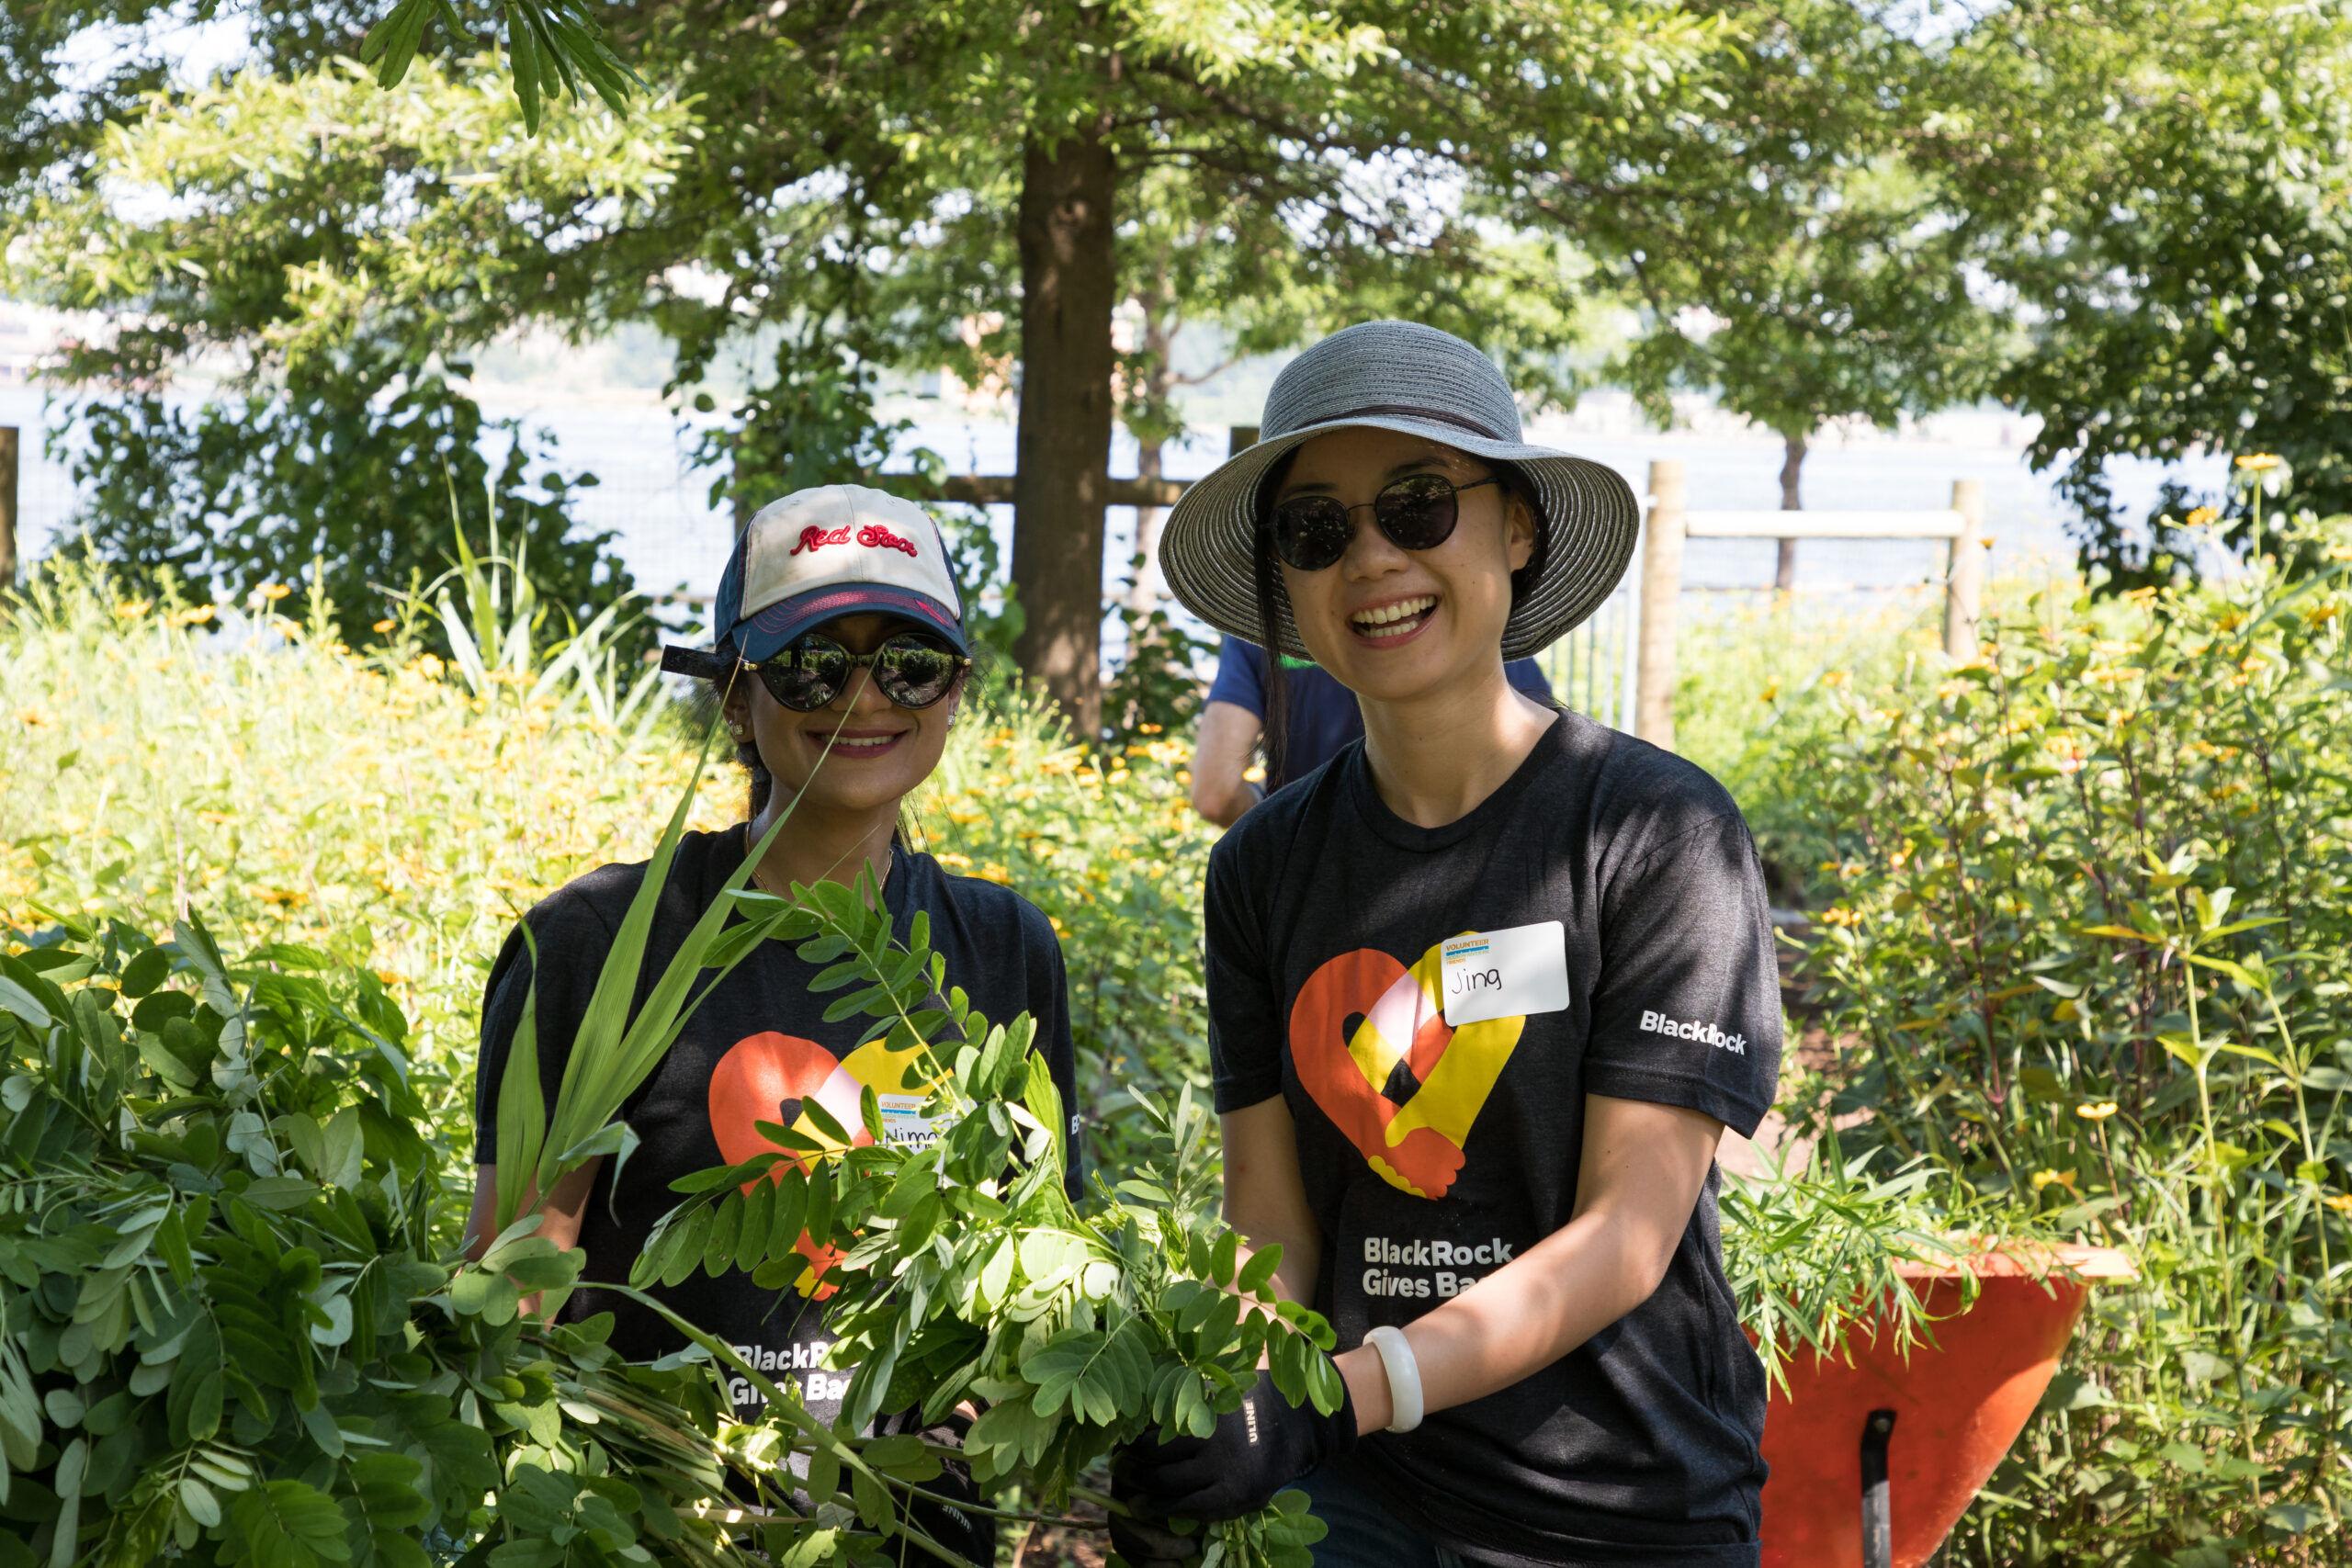 Two volunteer gardeners help at the community garden